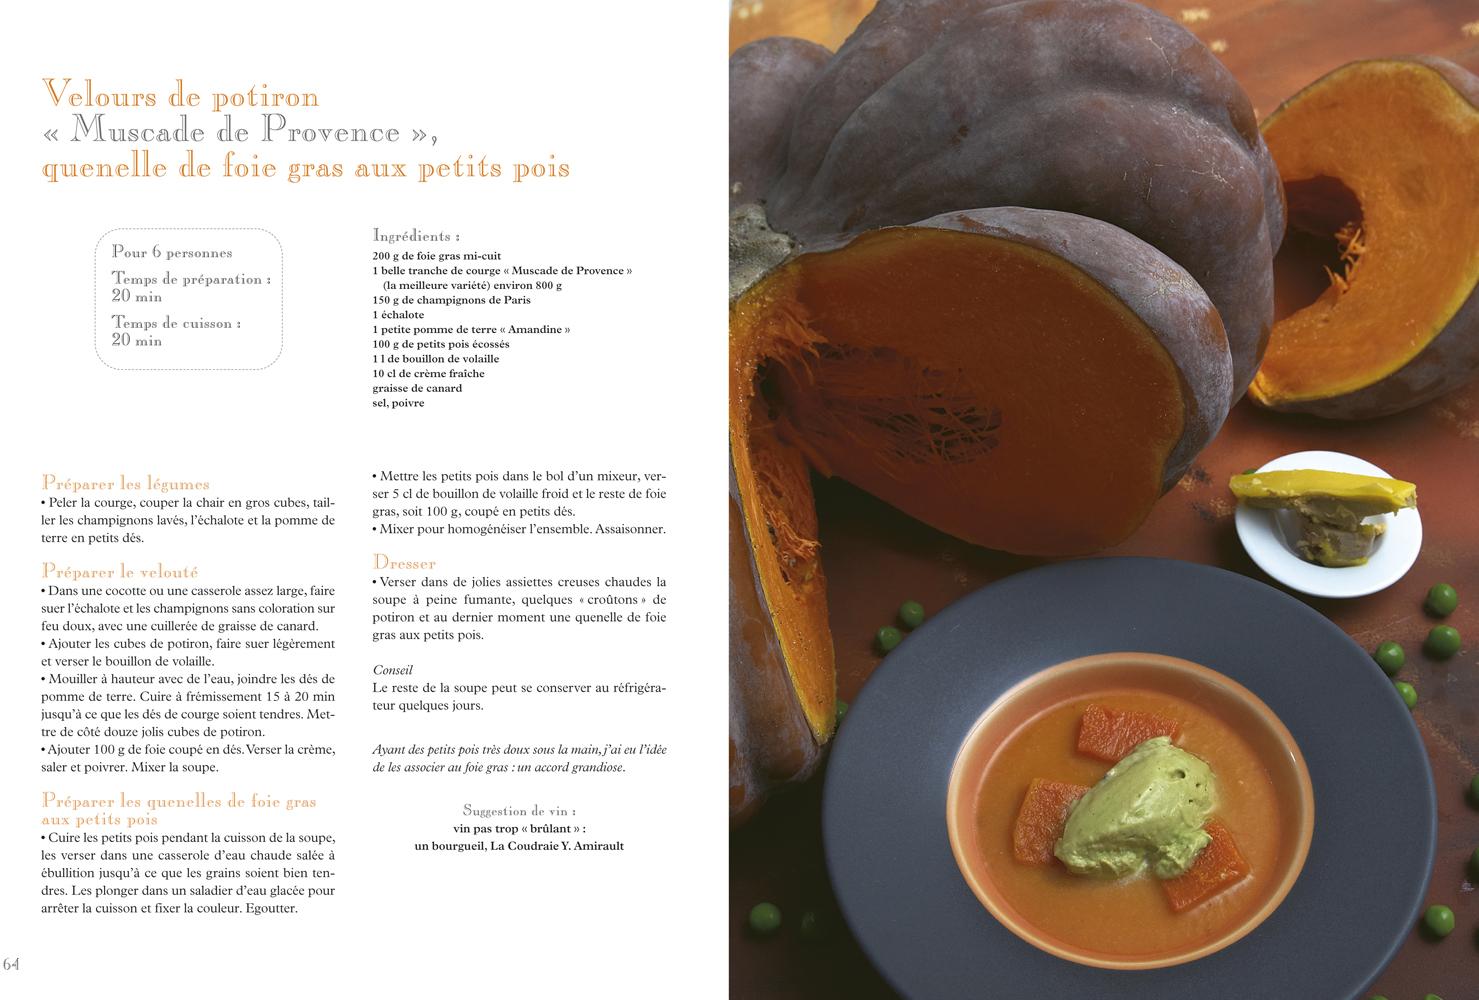 Gouter les foies gras , recettes de Guy Guilloux